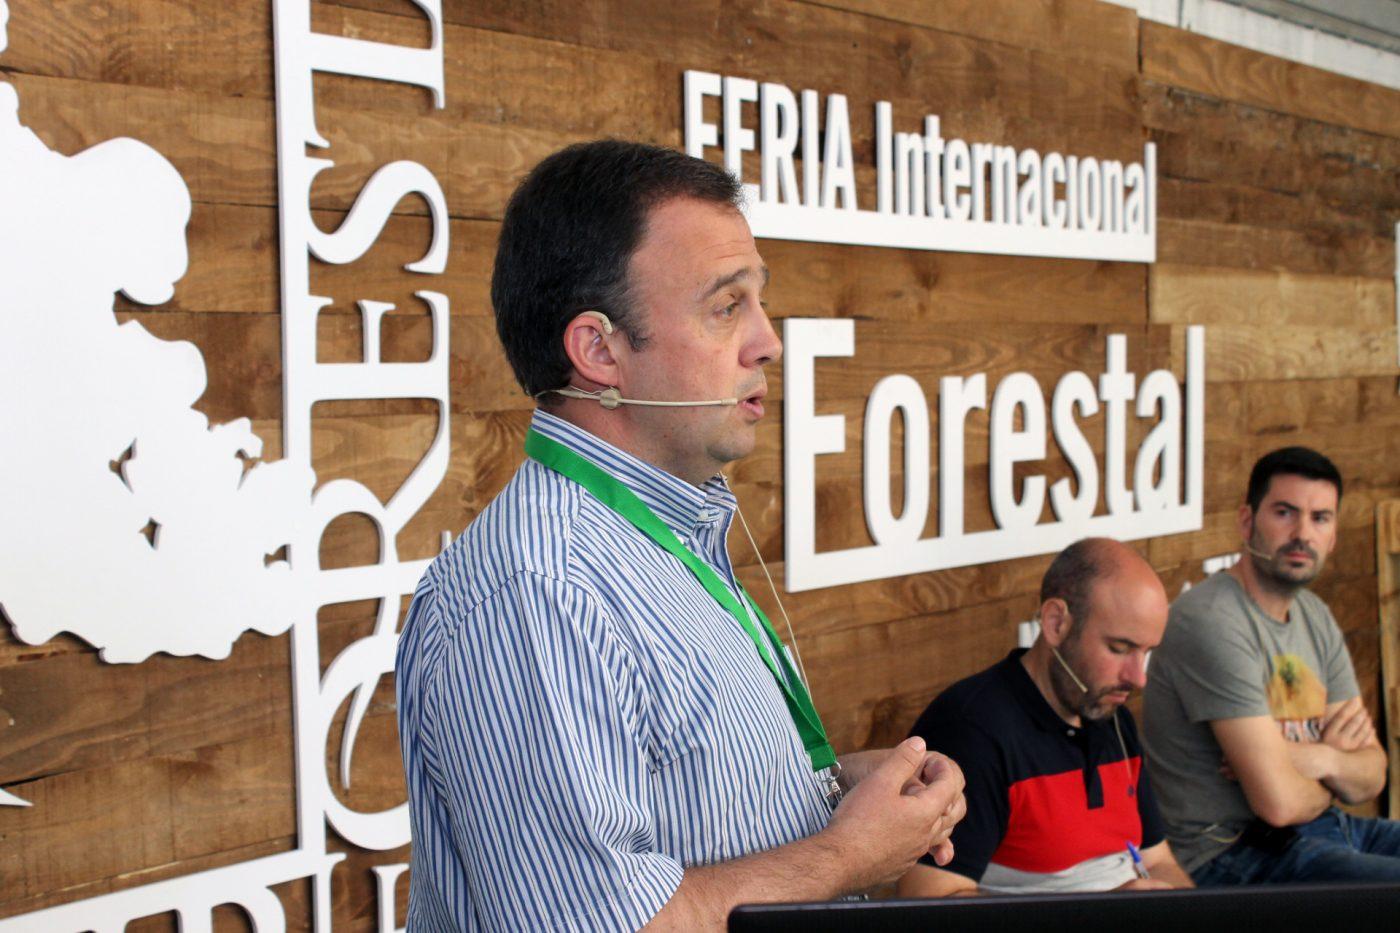 La ASOCIACION FORESTAL DE SORIA ya ha reconstruido cerca de 70 montes de socios